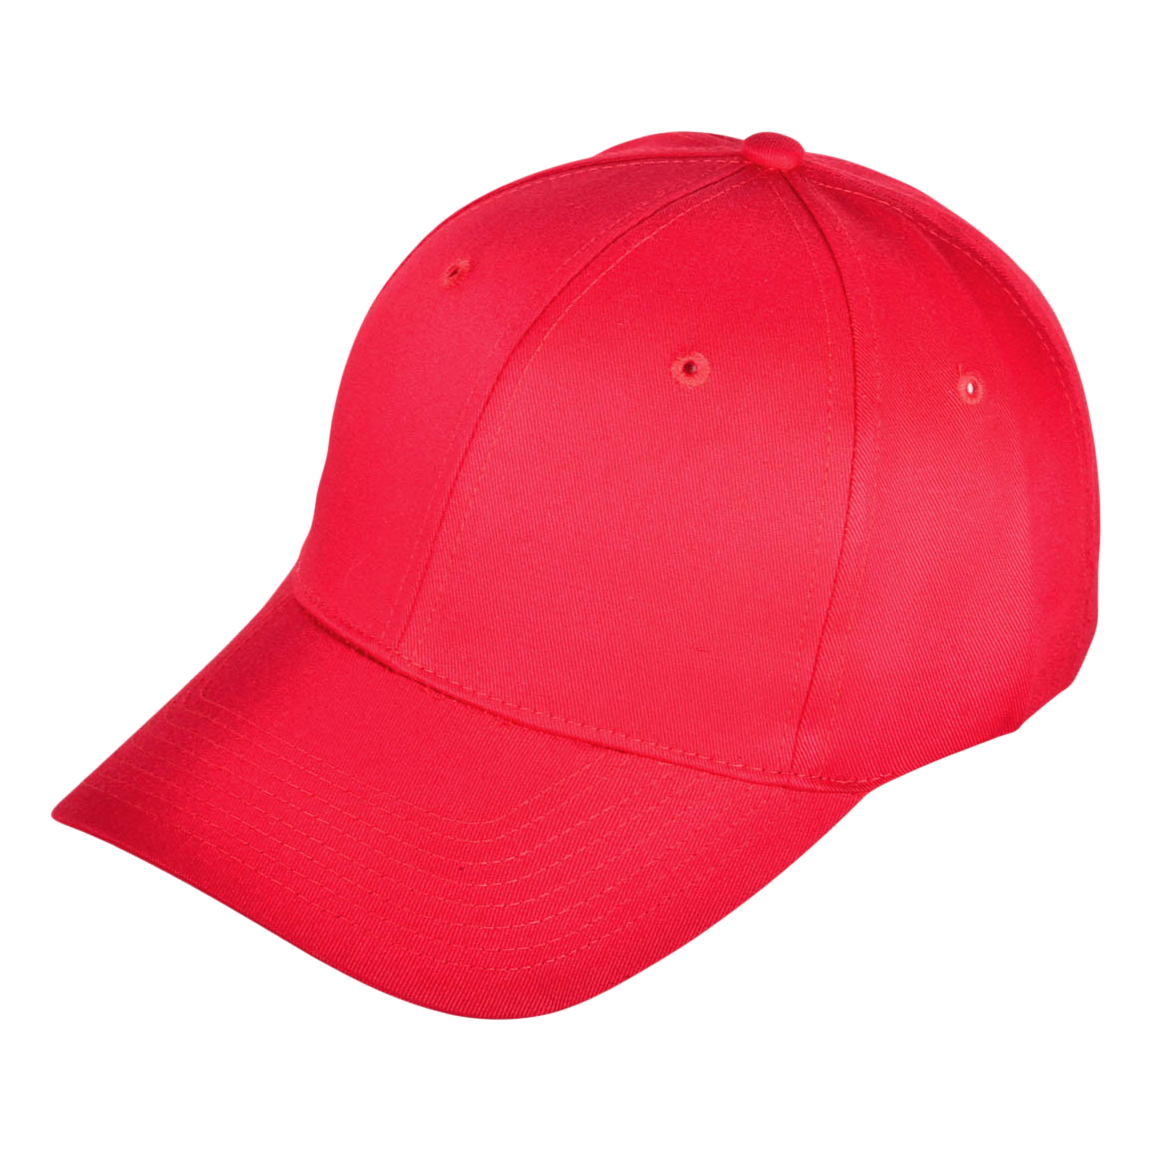 Low Profile Baseball Cap